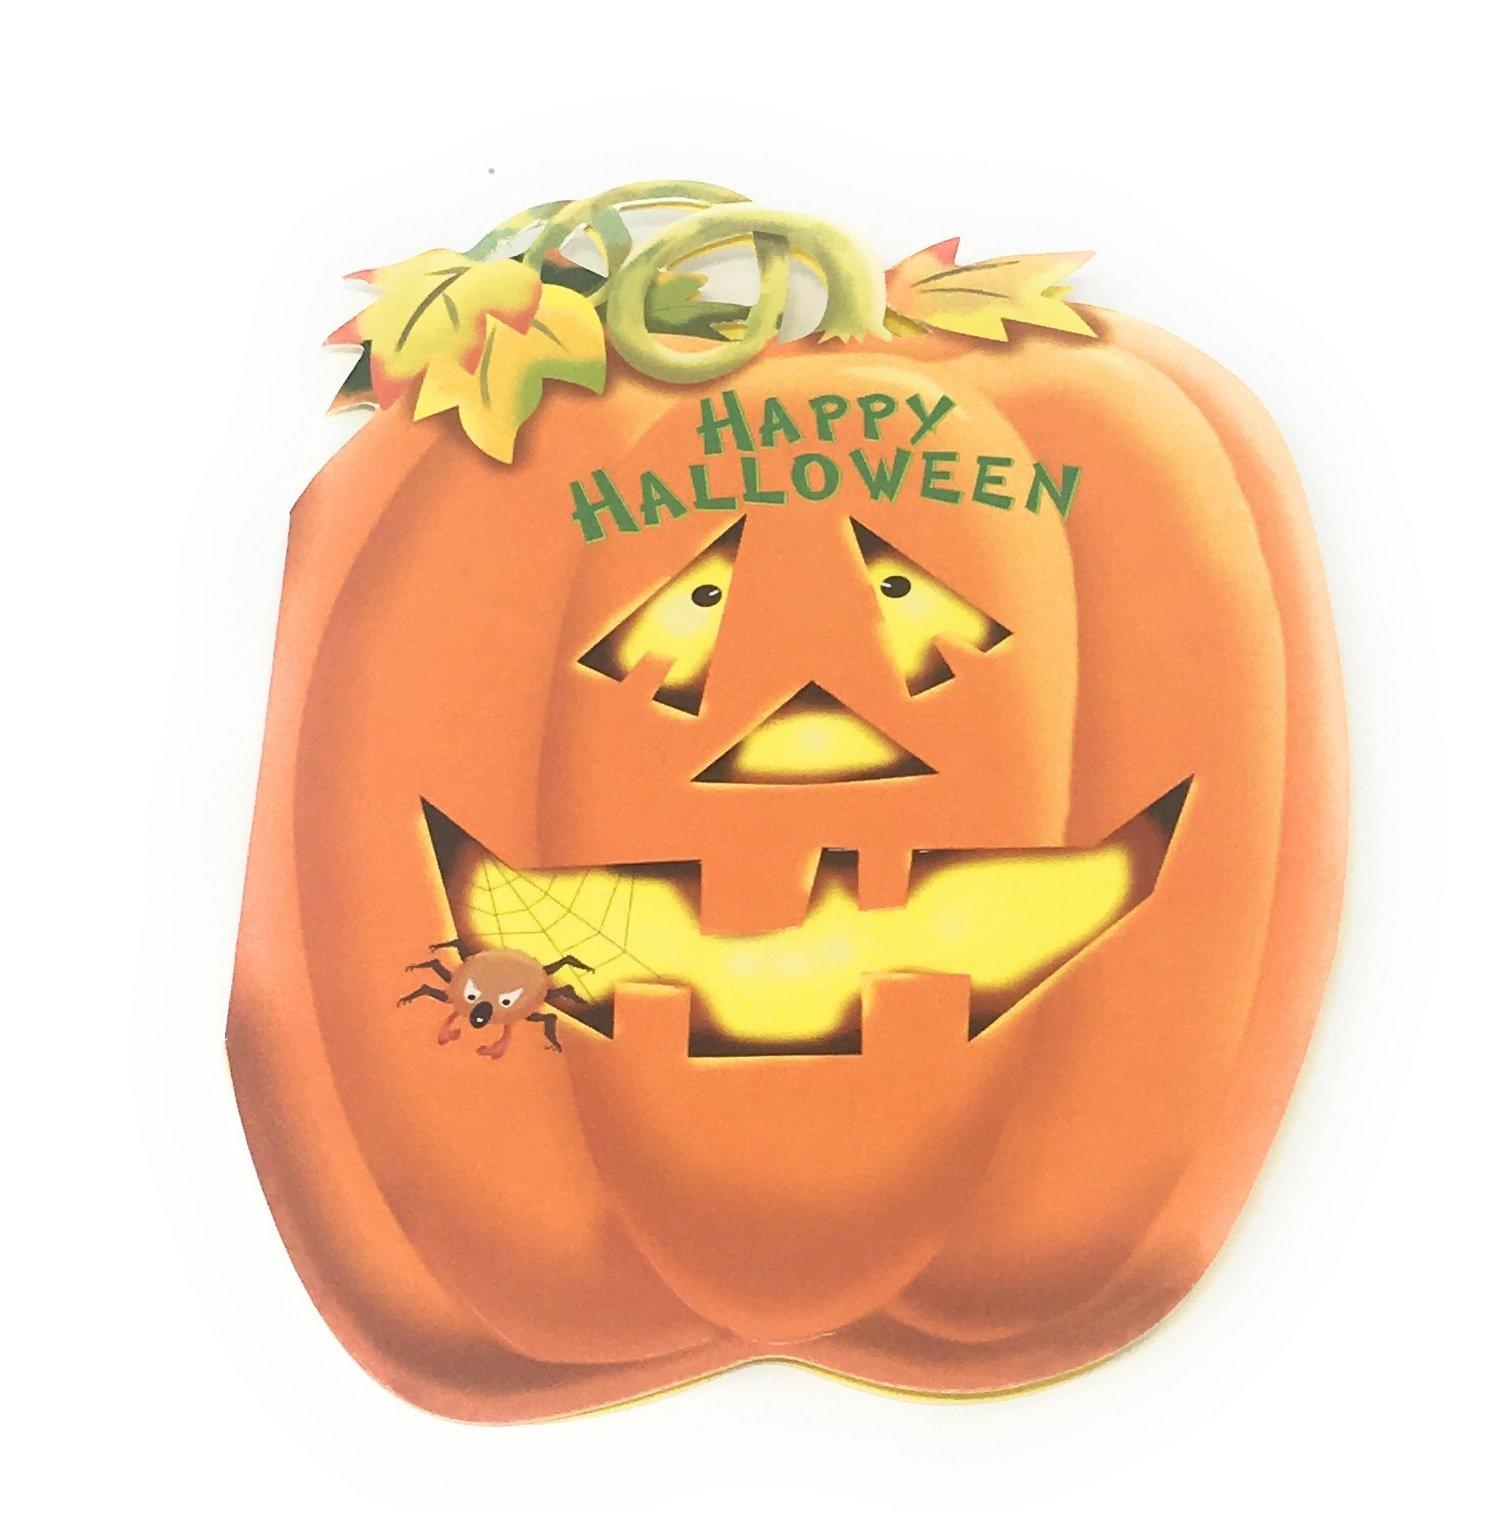 Happy Halloween tarjetas de felicitación (Pack de 8) para niños, adolescentes y adultos: Amazon.es: Oficina y papelería